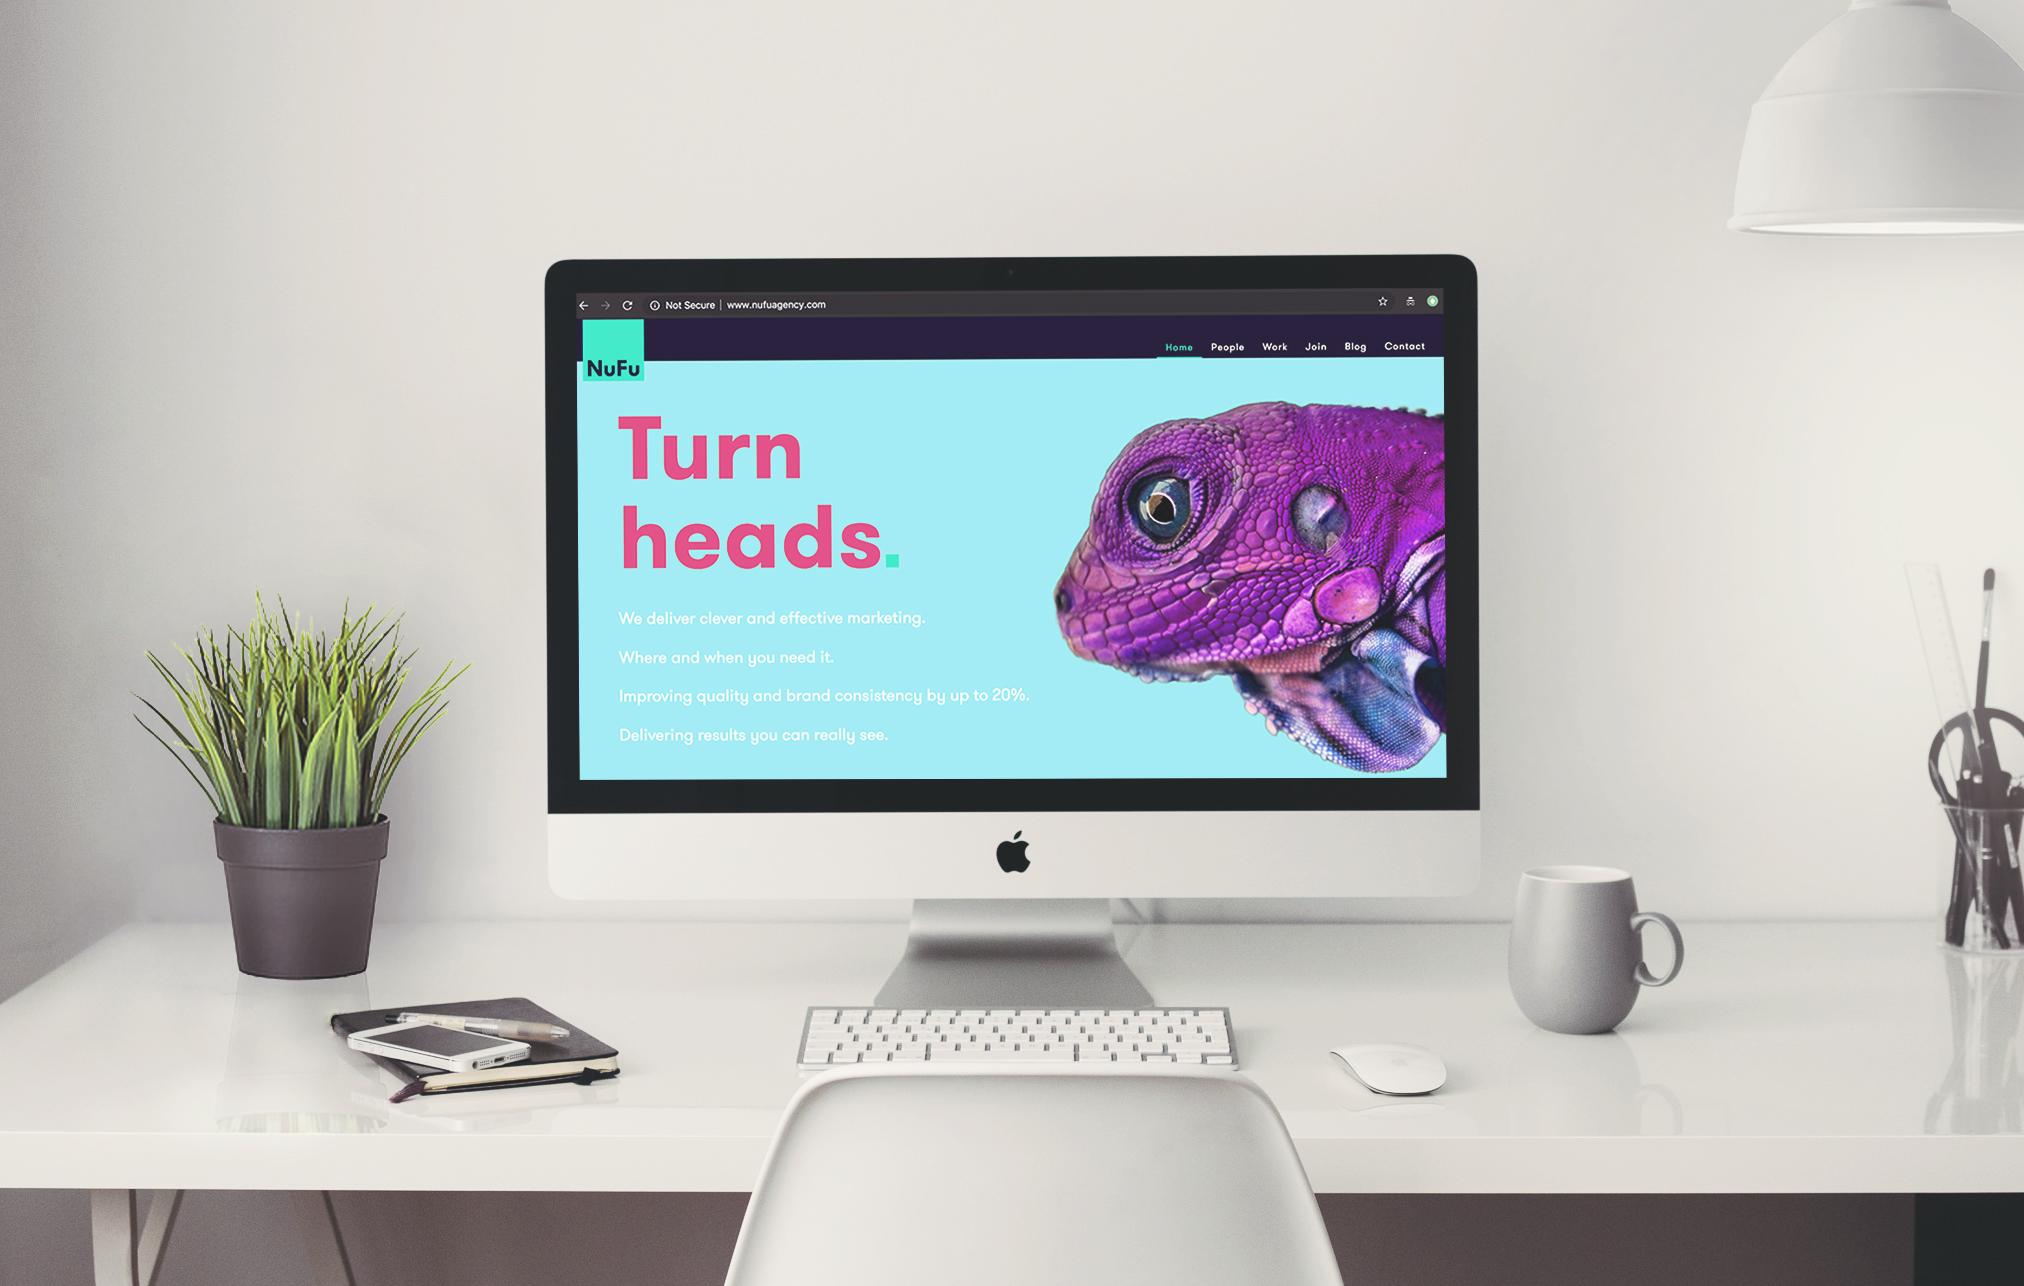 NufuWebsite_iMac_Homepage.jpg